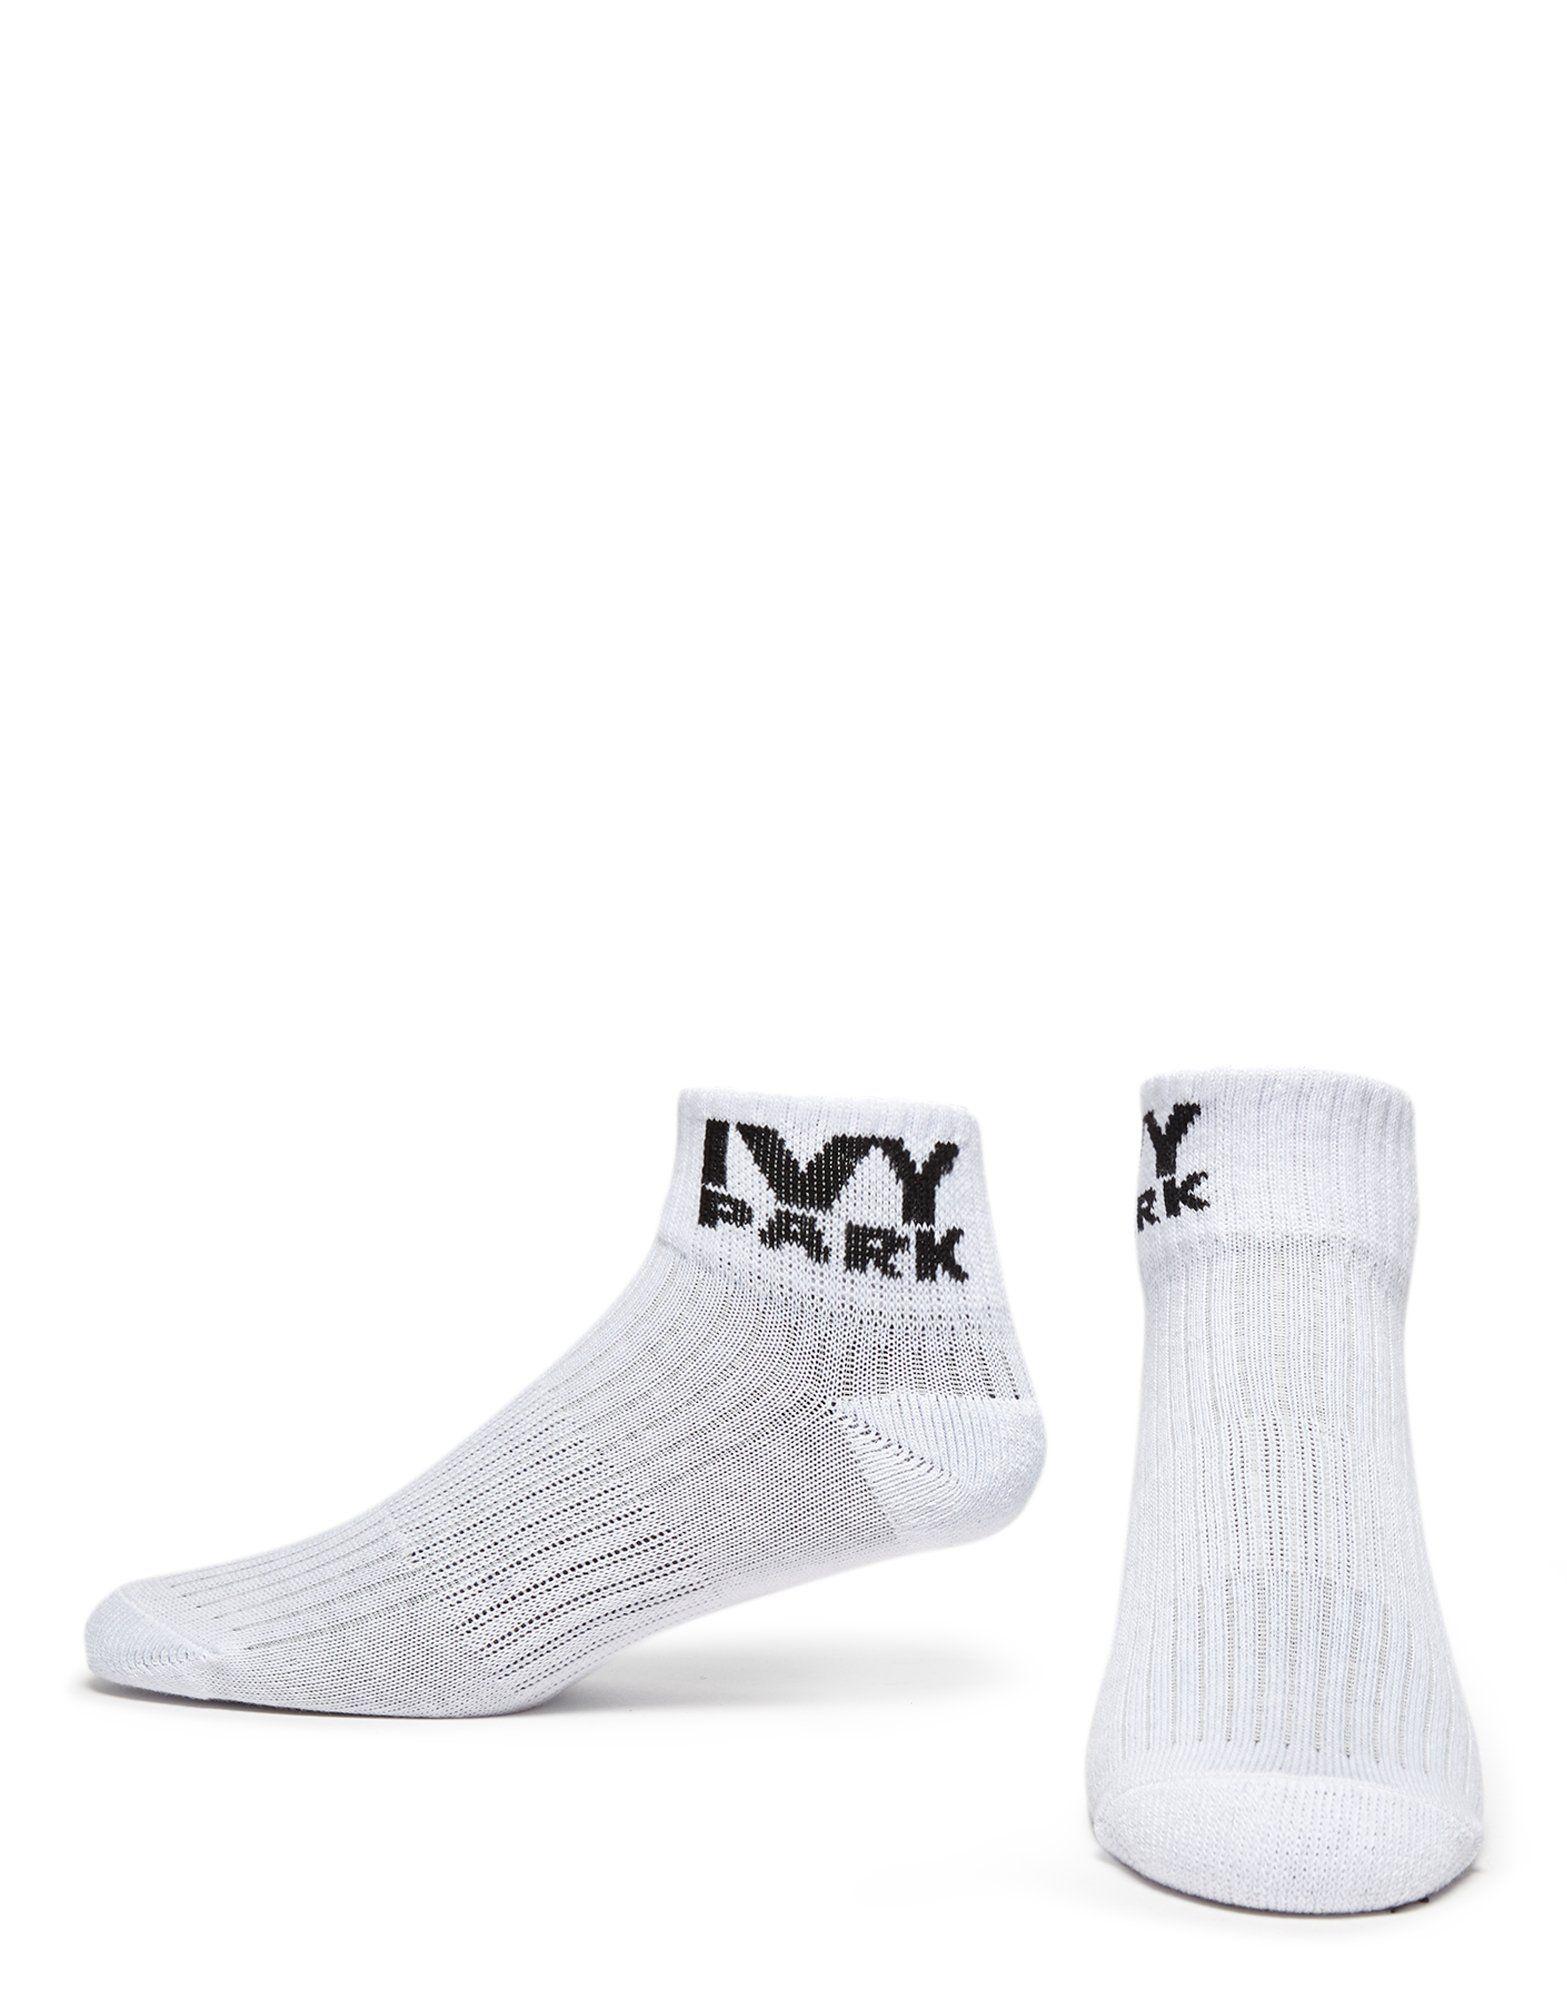 IVY PARK Socks